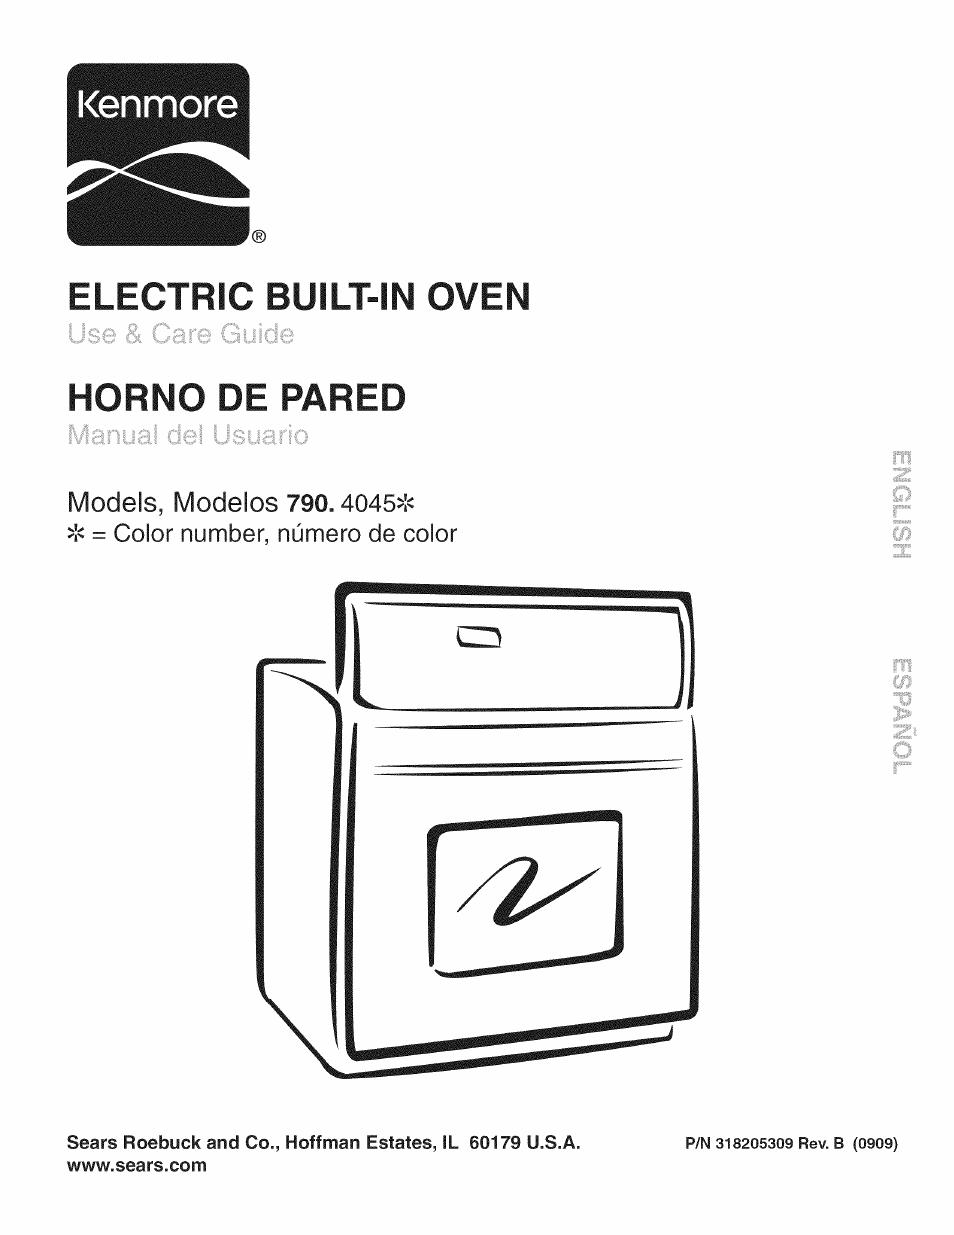 Kenmore Oven Manual Model 79042003605 Kenmore Pro Built